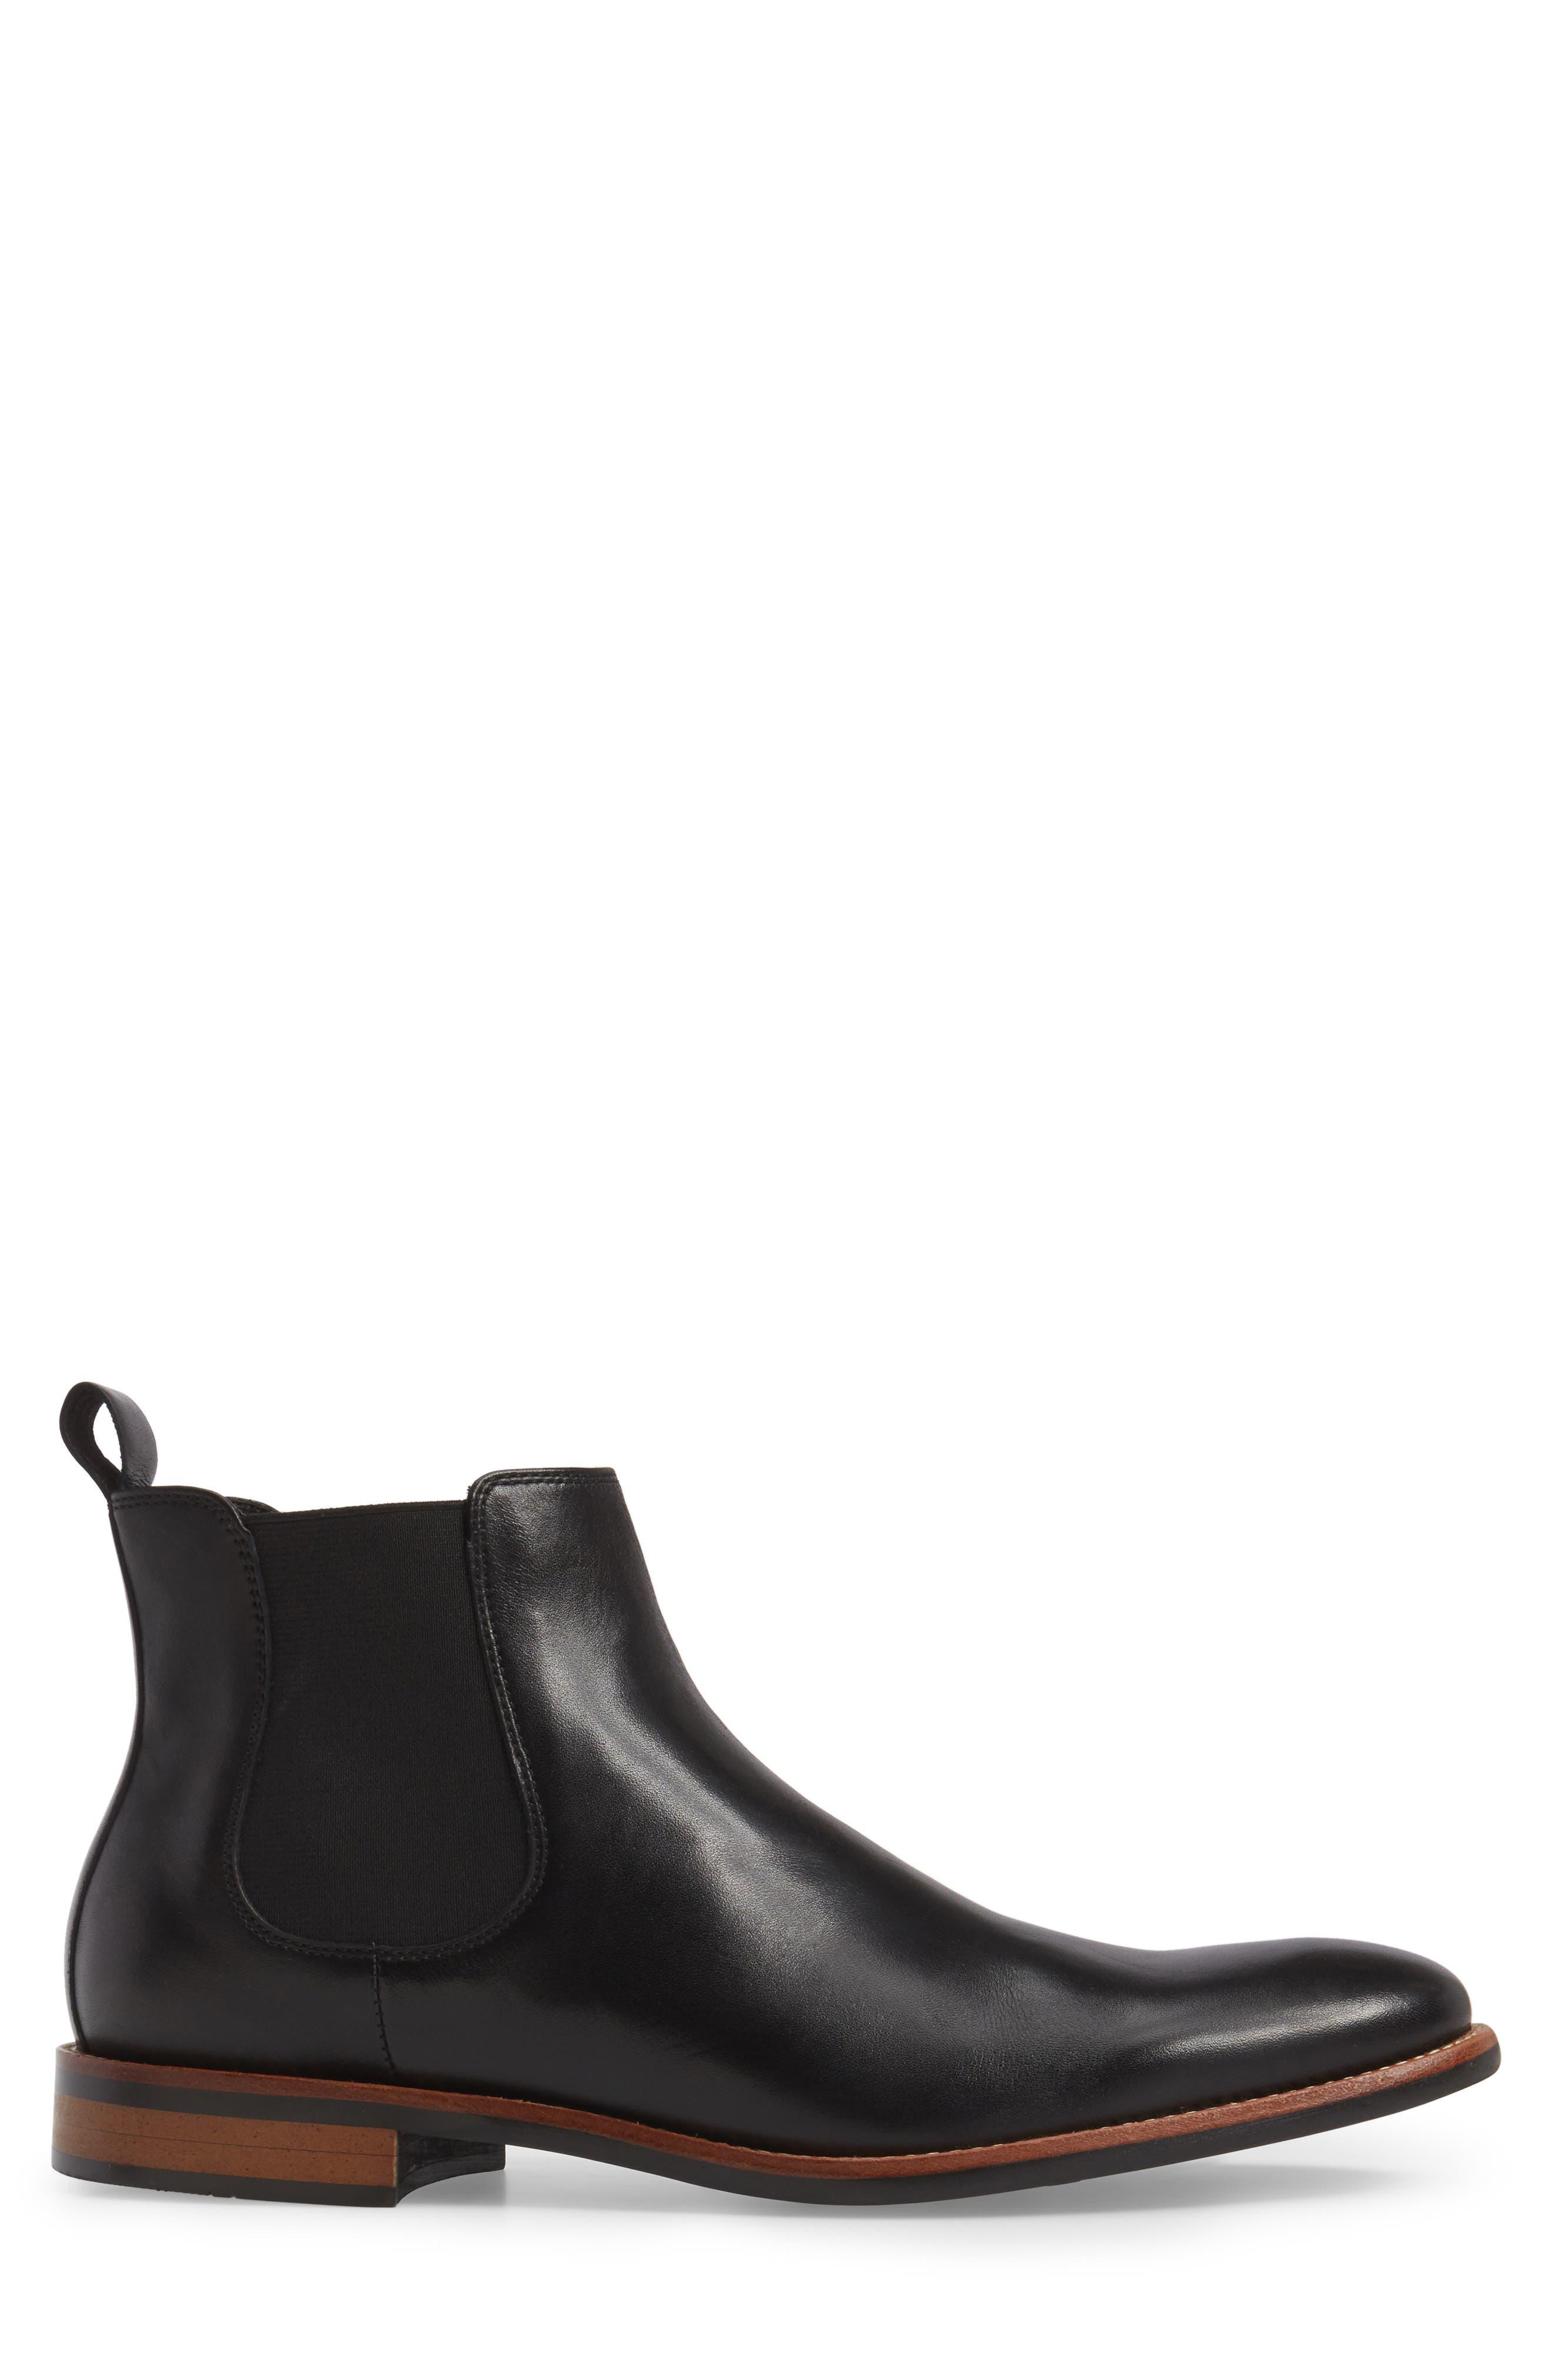 Alternate Image 3  - Gordon Rush 'Wallis' Chelsea Boot (Men)